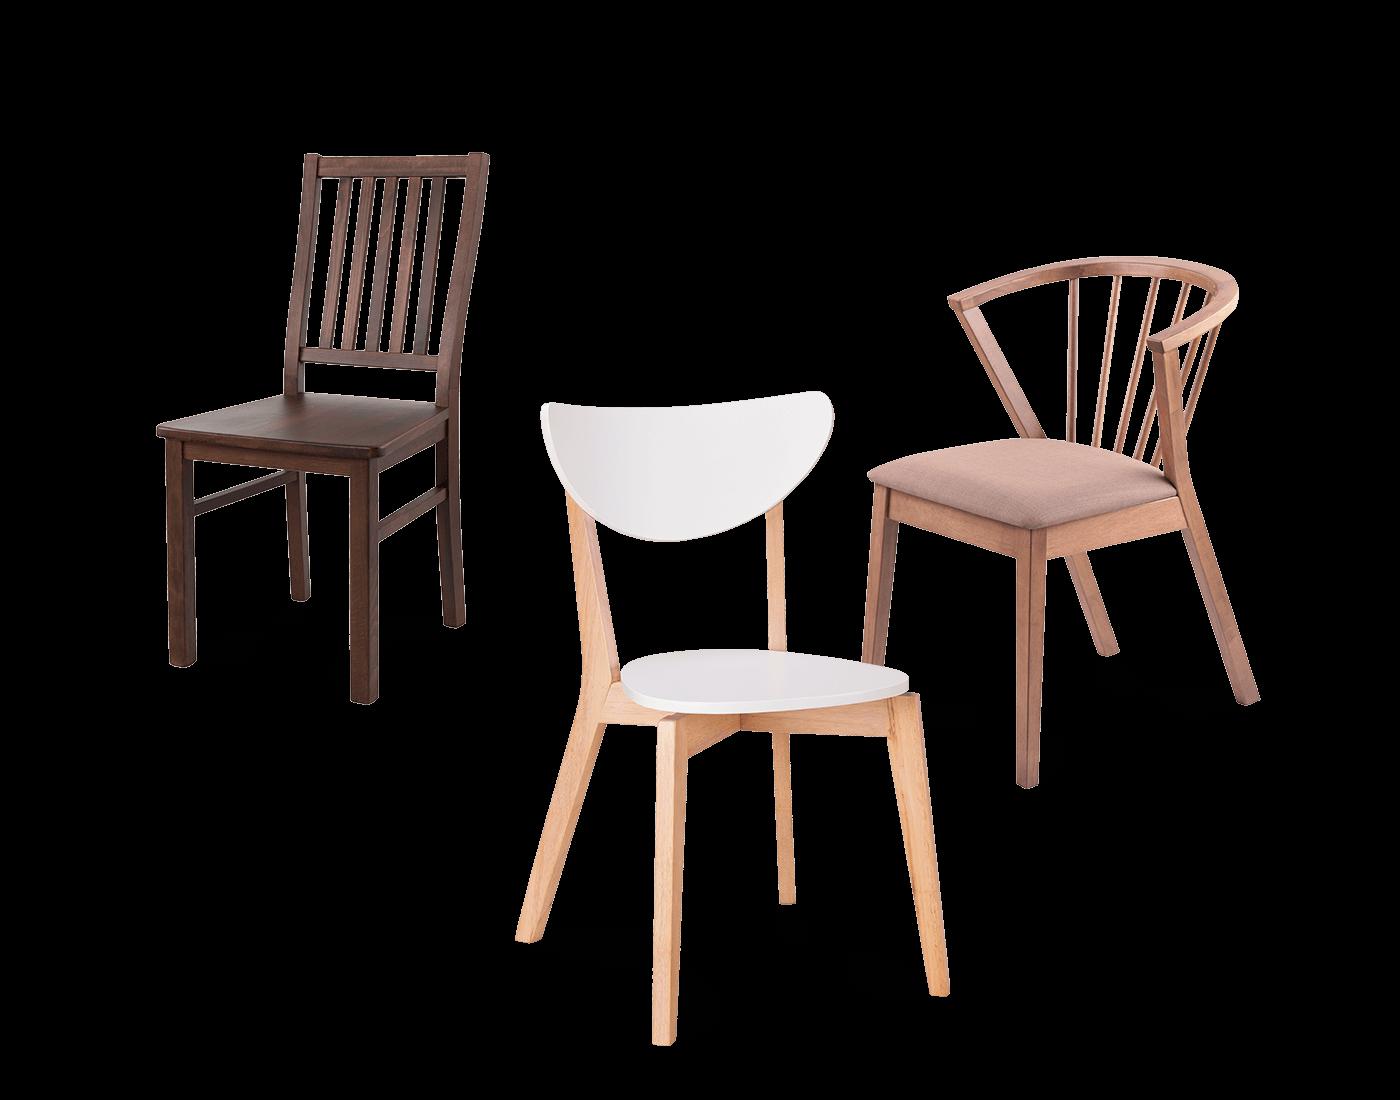 Trasporto sedie · Spedizione mobili a basso costo · Macingo